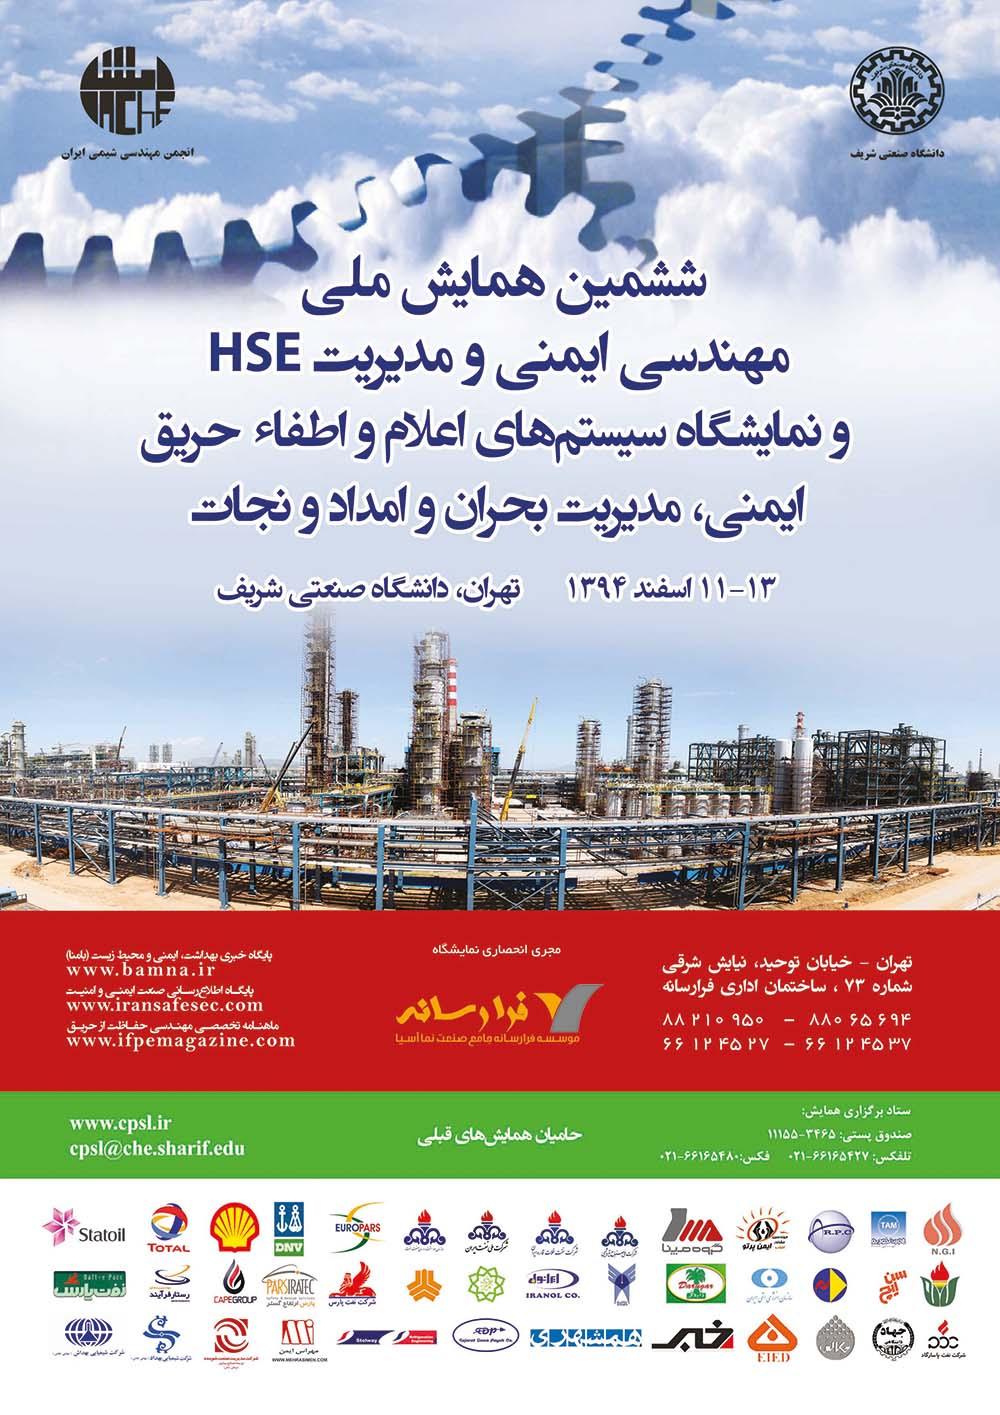 دعوت به بازدید از نمایشگاه جانبی ششمین همایش مهندسی ایمنی و مدیریت HSE